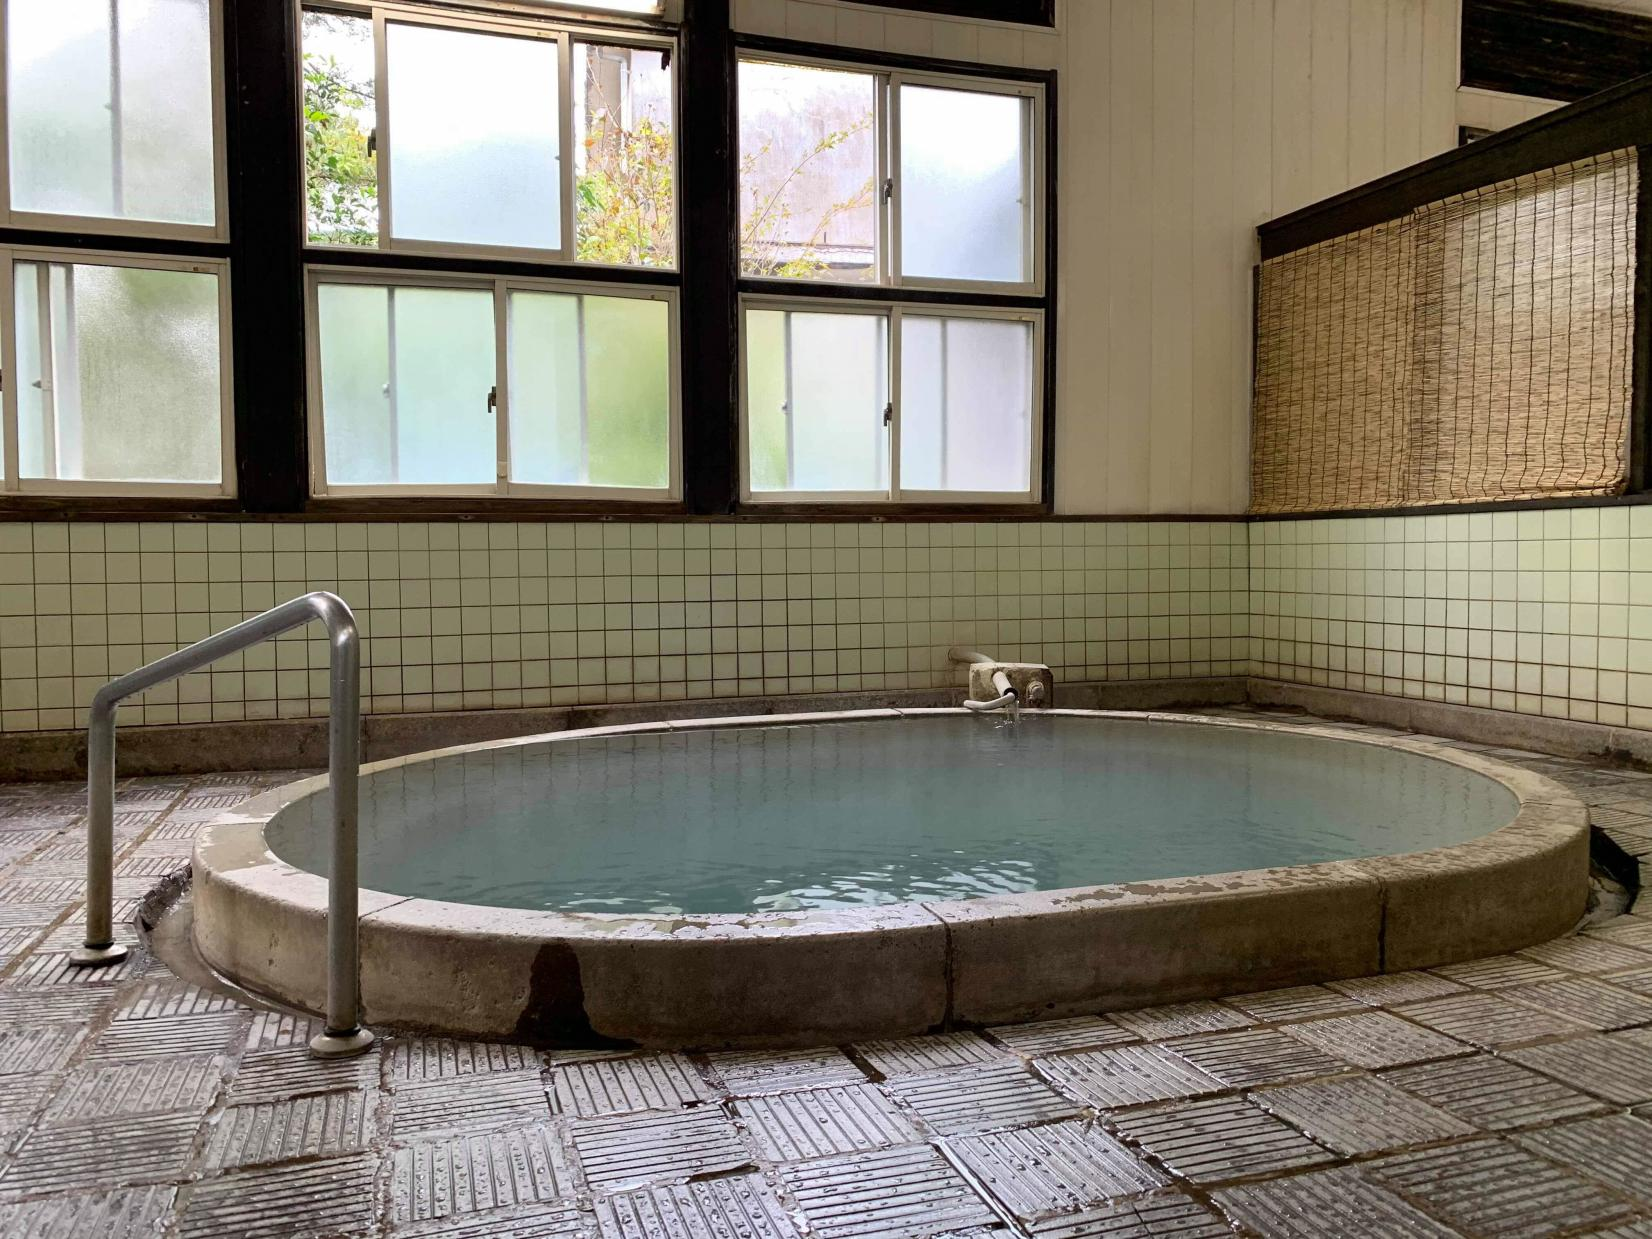 雲仙温泉 湯の里共同浴場(だんきゅうの湯)-0